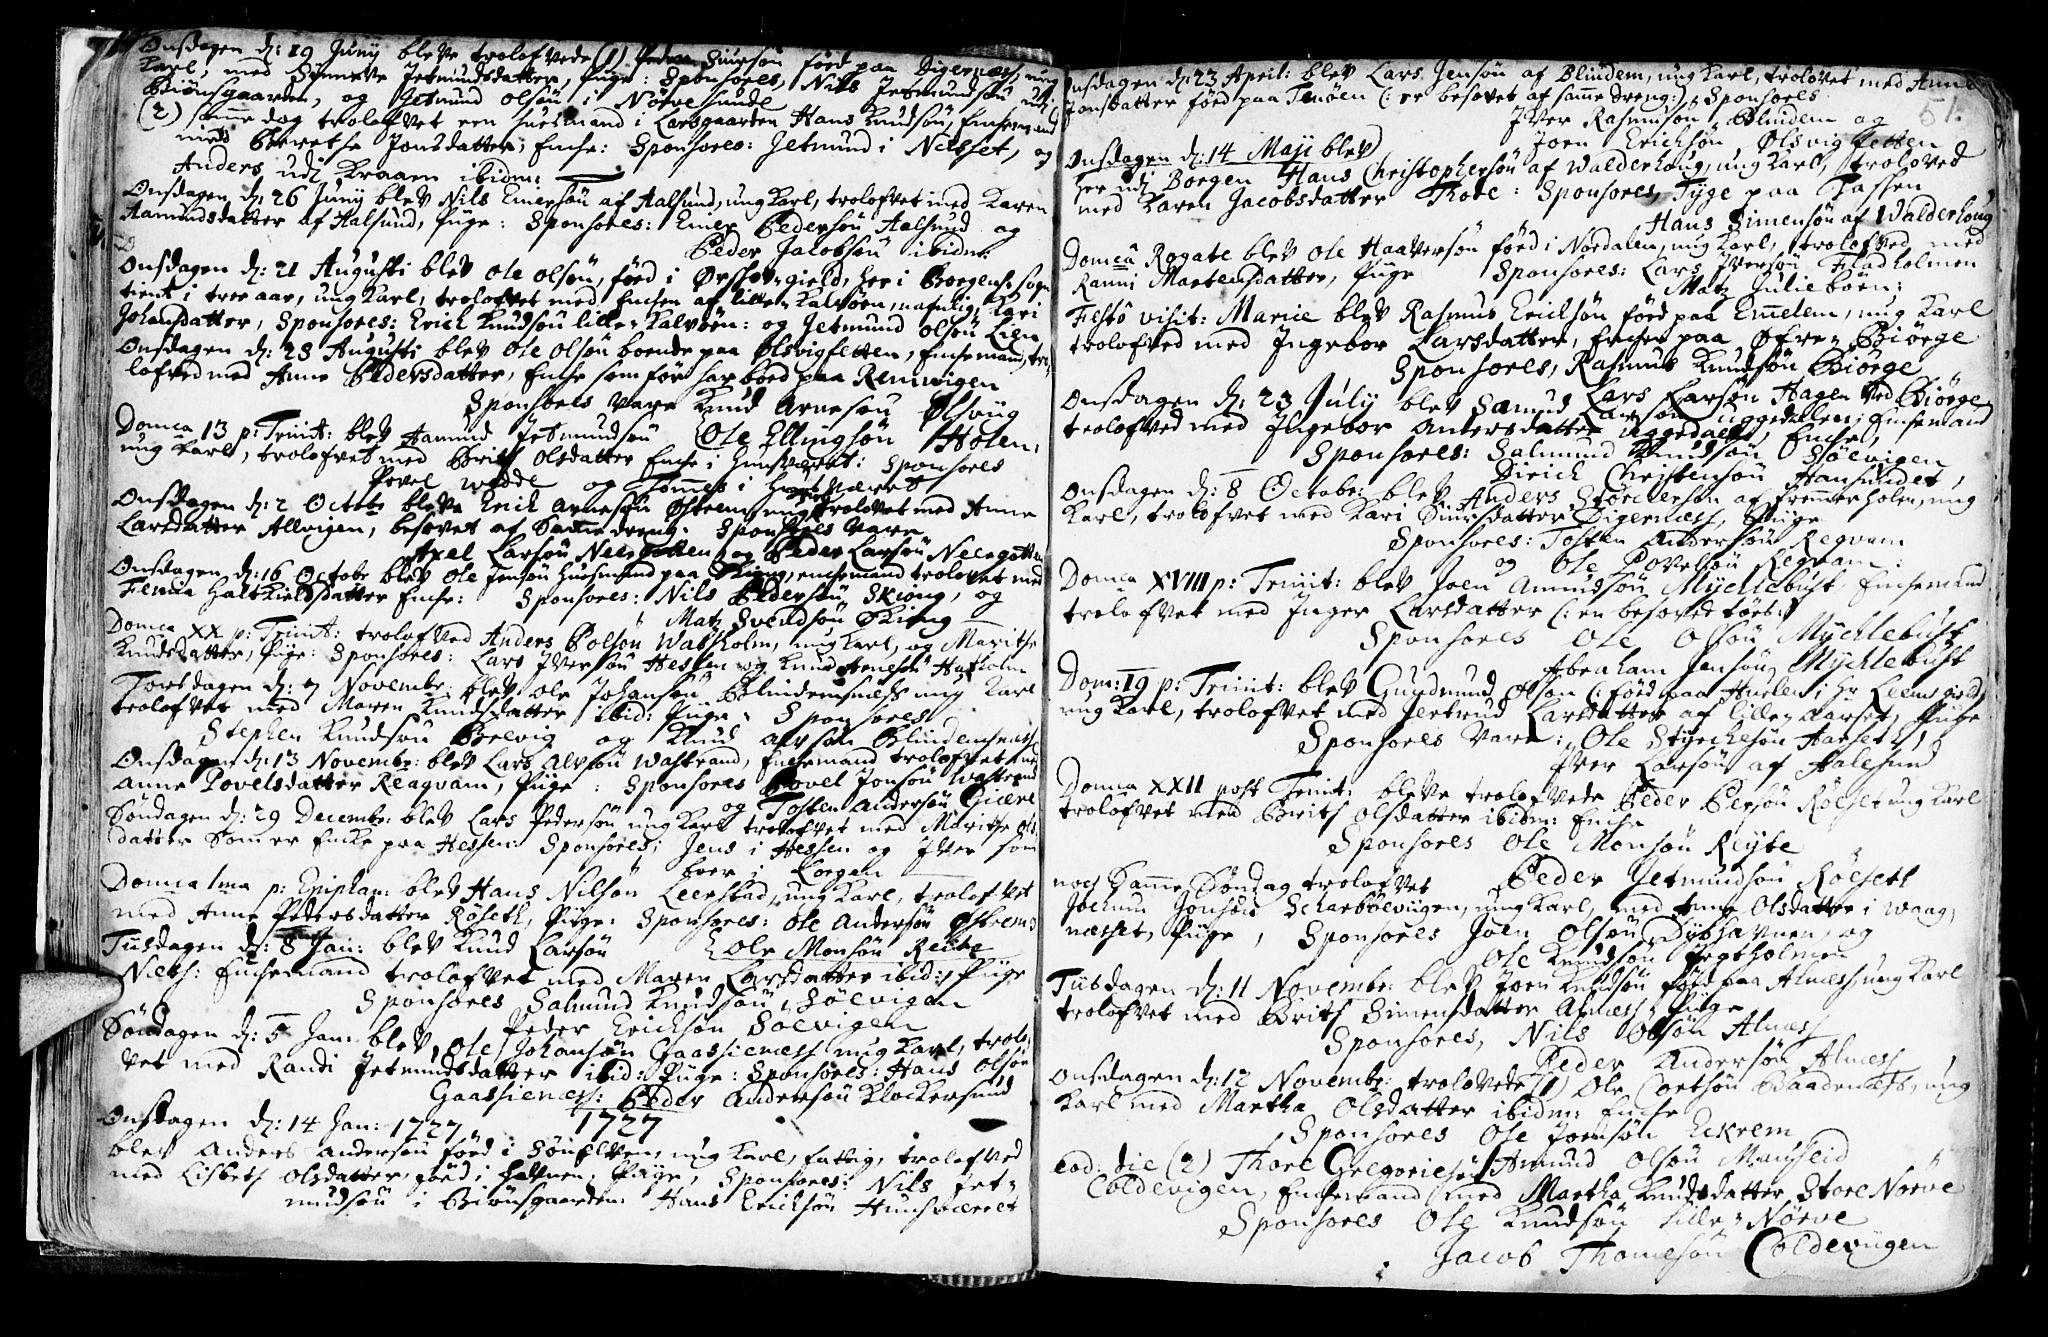 SAT, Ministerialprotokoller, klokkerbøker og fødselsregistre - Møre og Romsdal, 528/L0390: Ministerialbok nr. 528A01, 1698-1739, s. 50-51